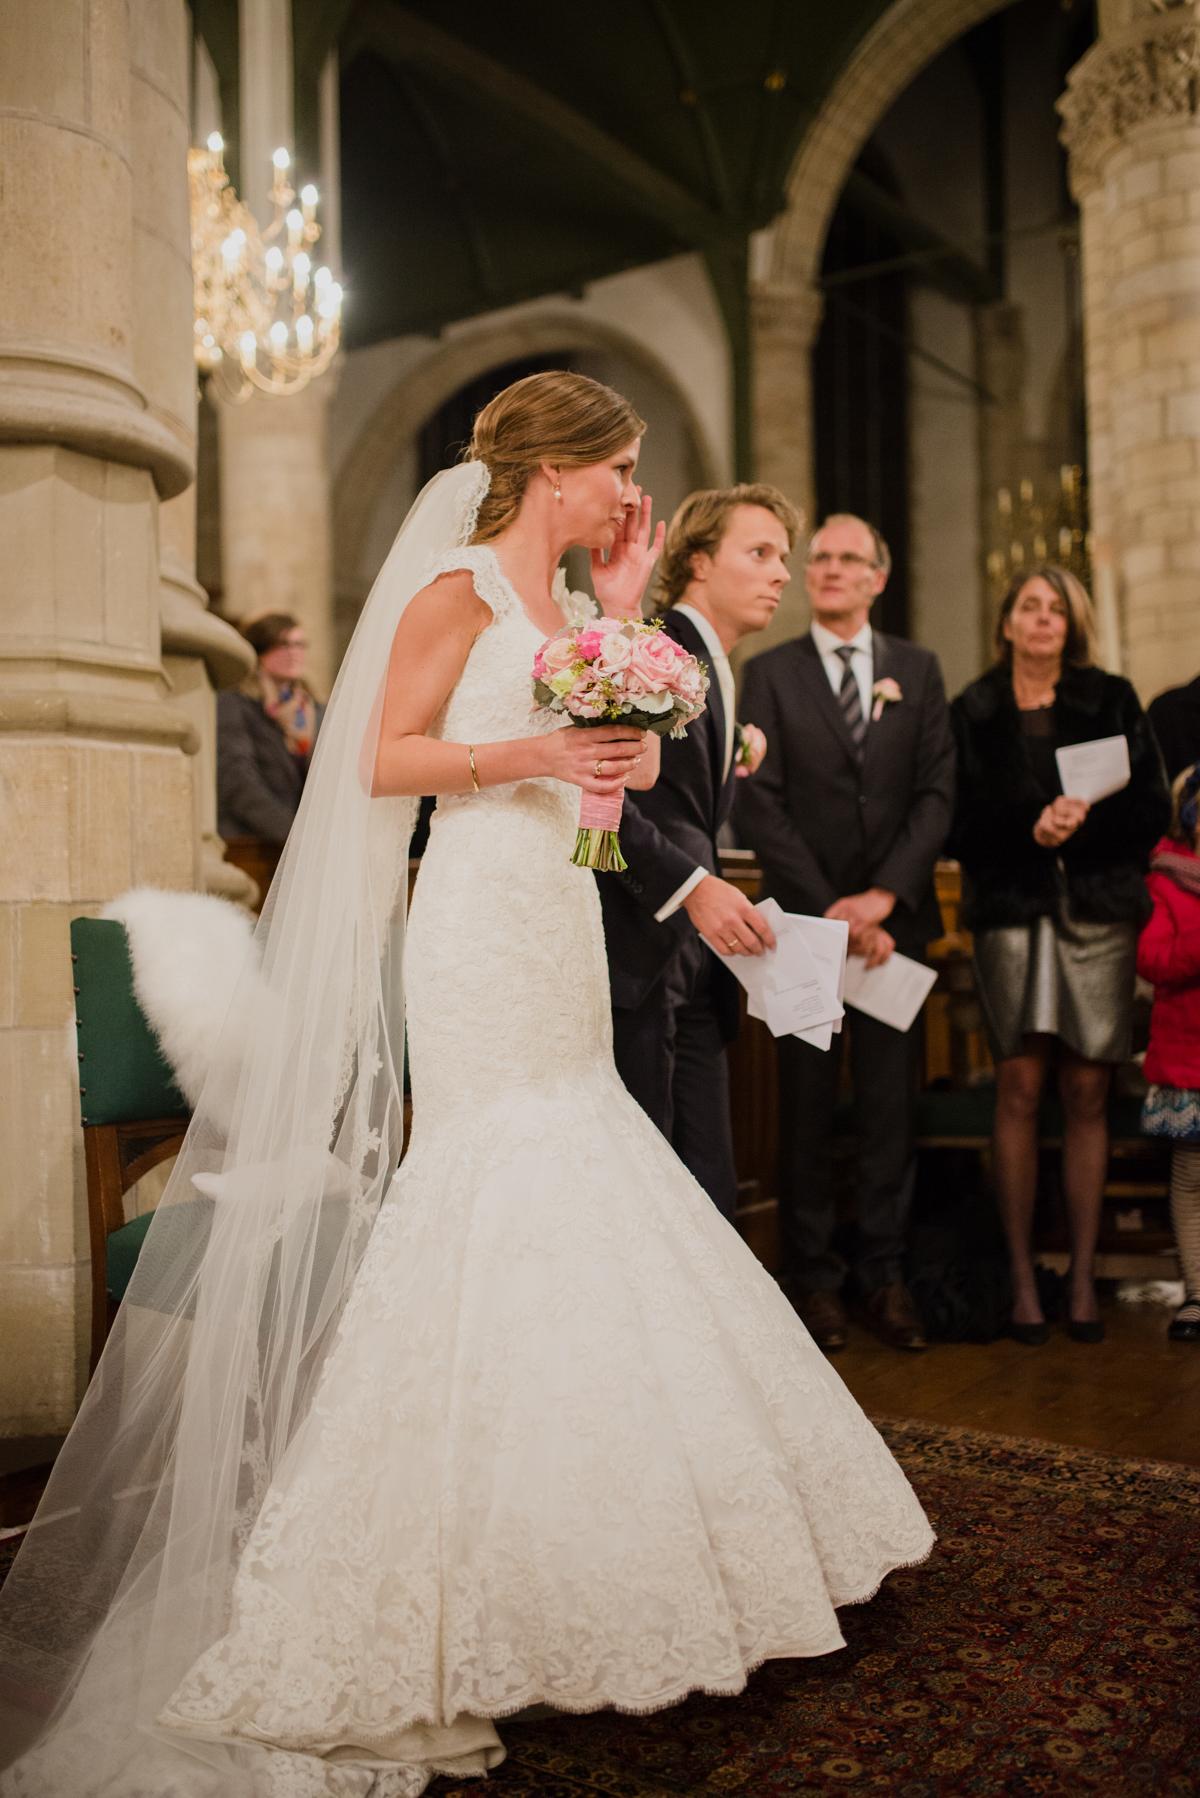 Joost en Marije trouwen in Gouda (50 van 57)